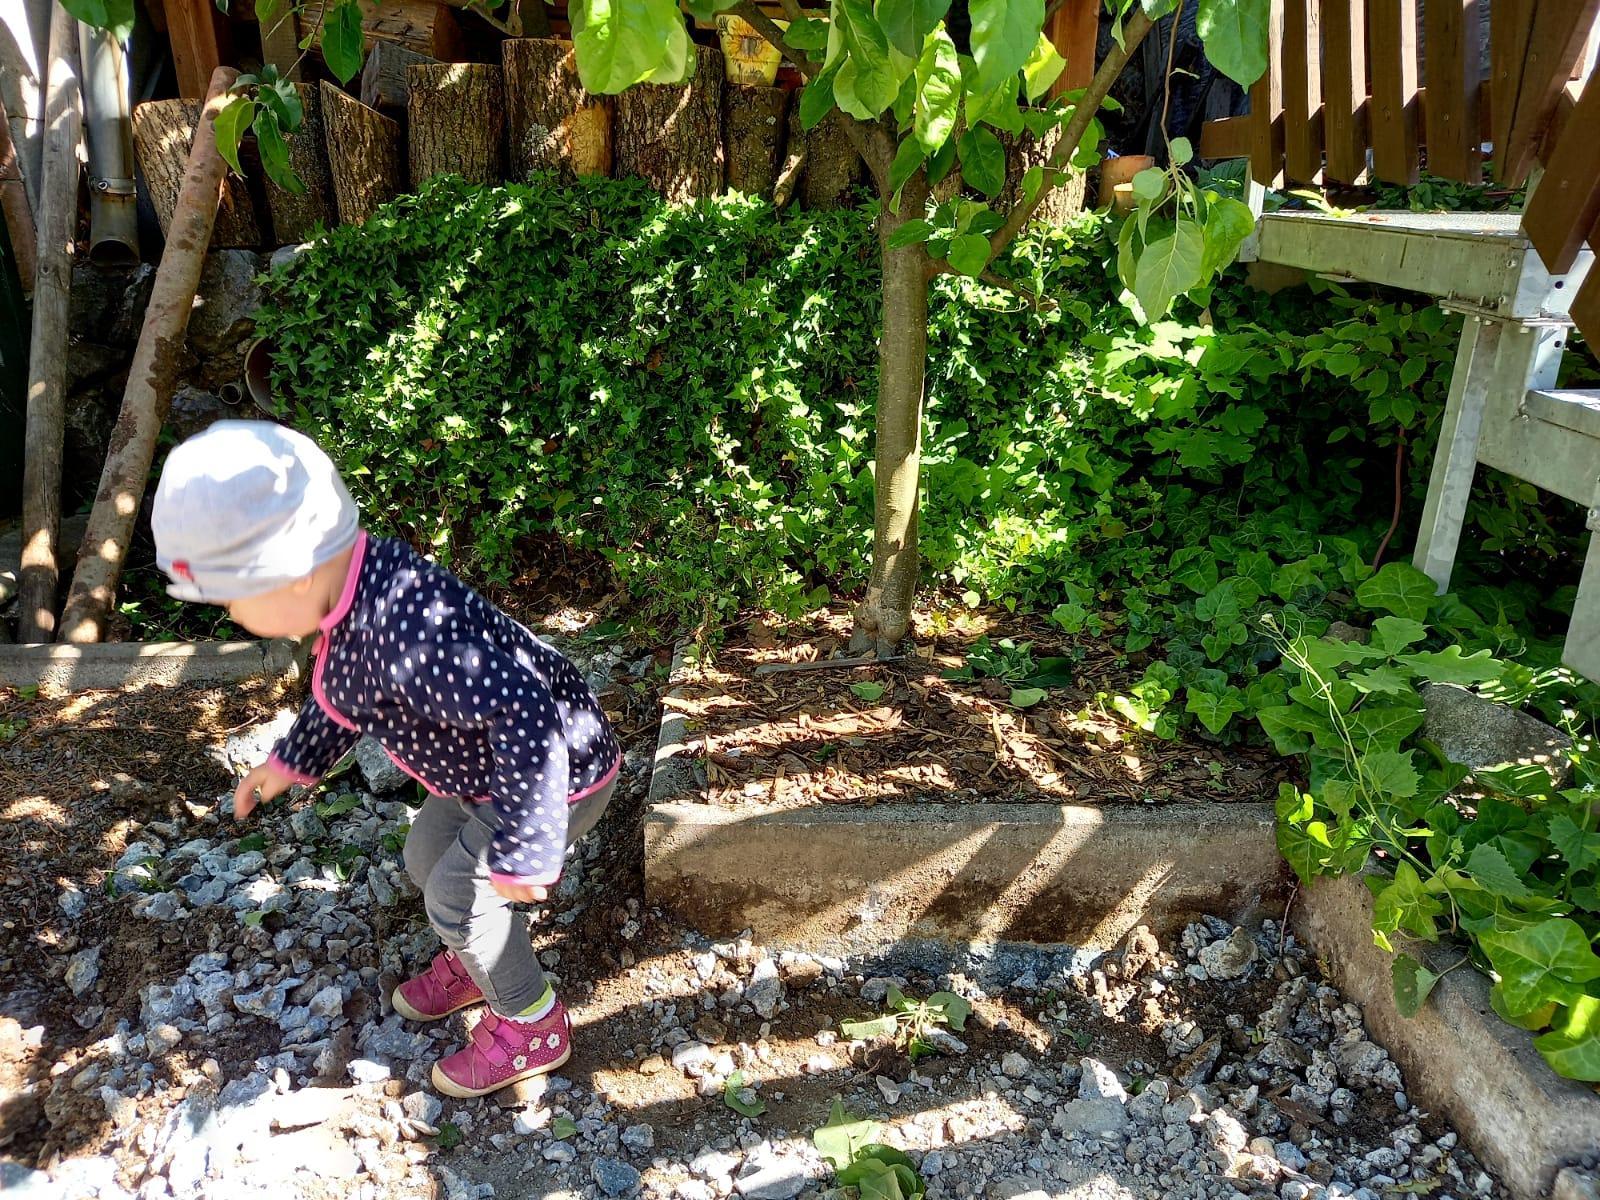 Môj malý kúsok raja😊 - Malá brigáda...zväčšujeme jablonke priestor. Najmladší člen usilovne pomáha😍